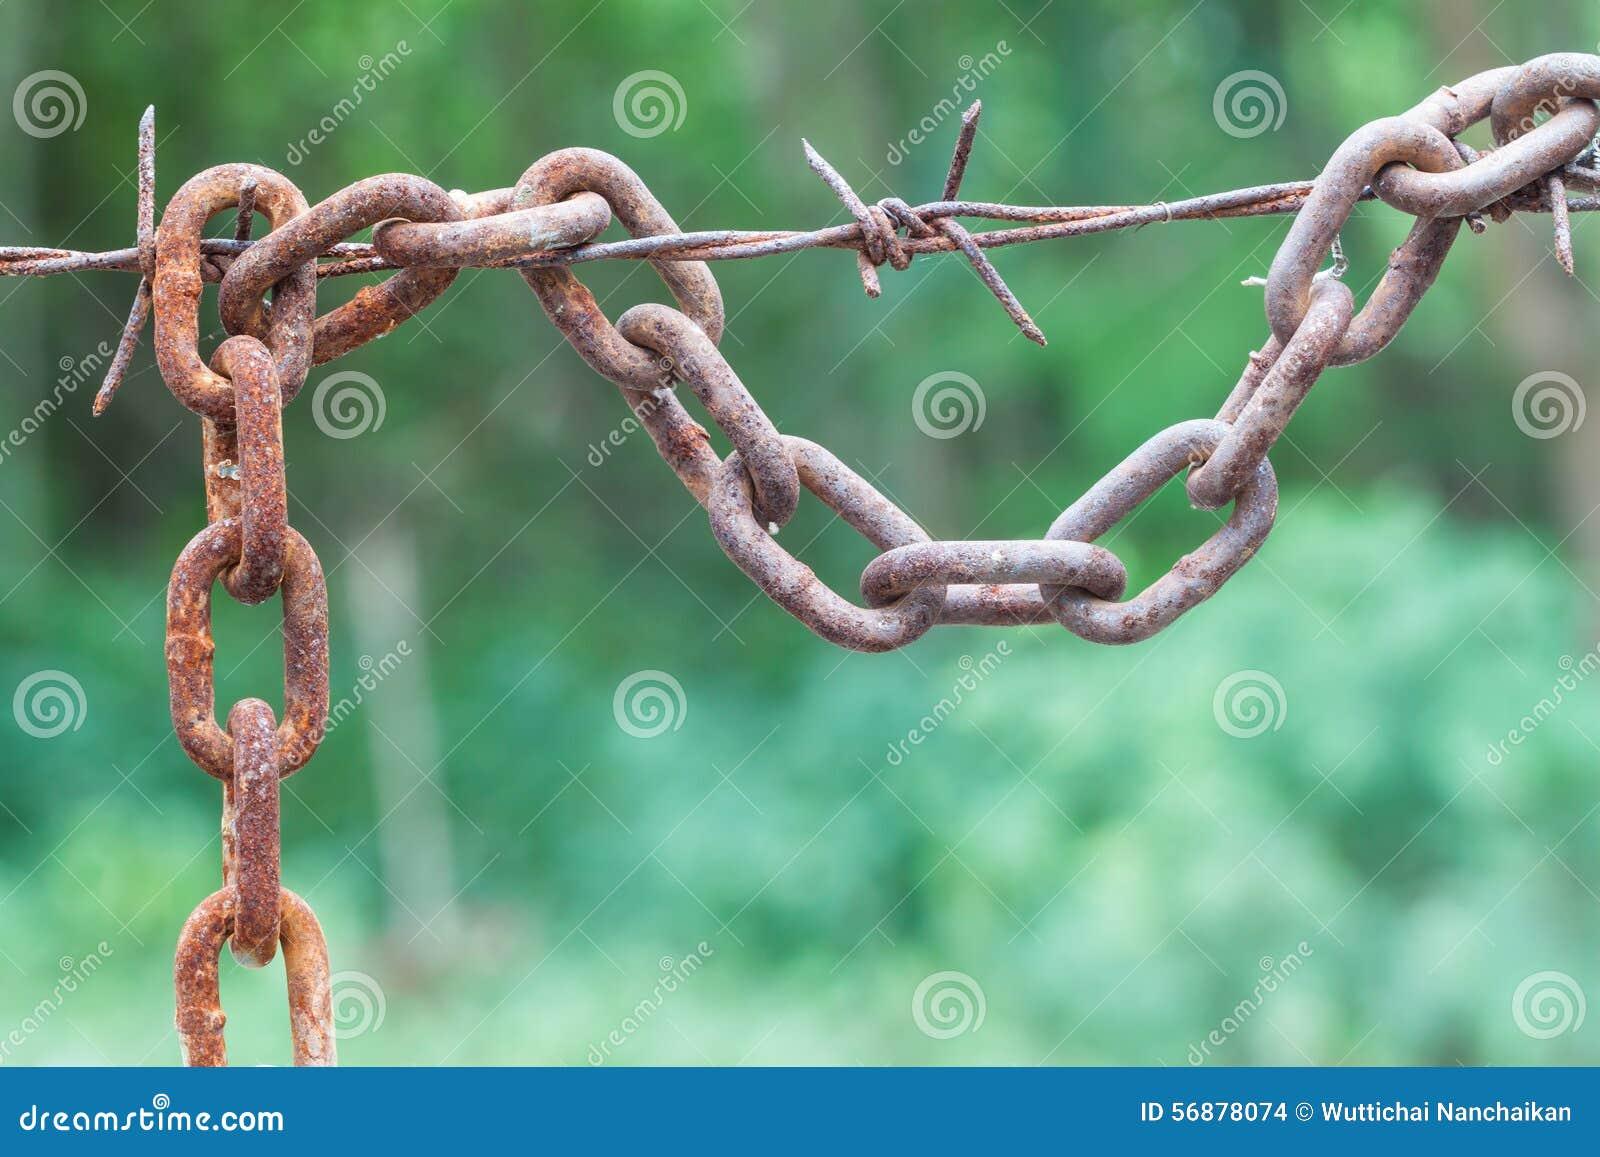 Caduta a catena arrugginita con filo spinato